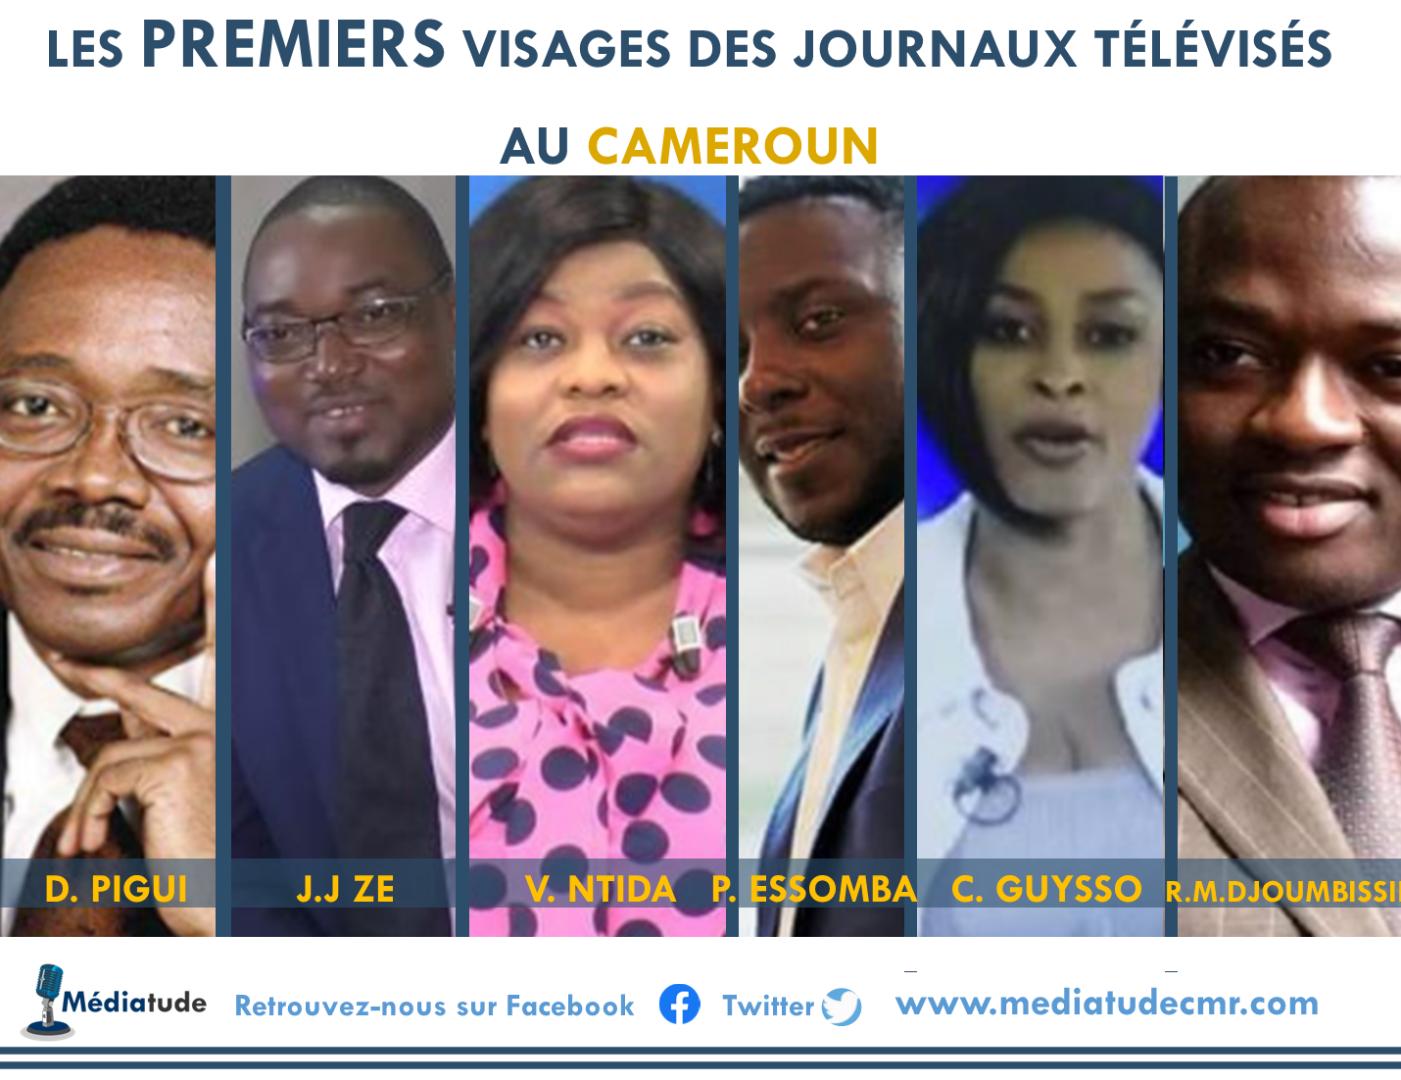 Les premiers visages des journaux télévisés au Cameroun